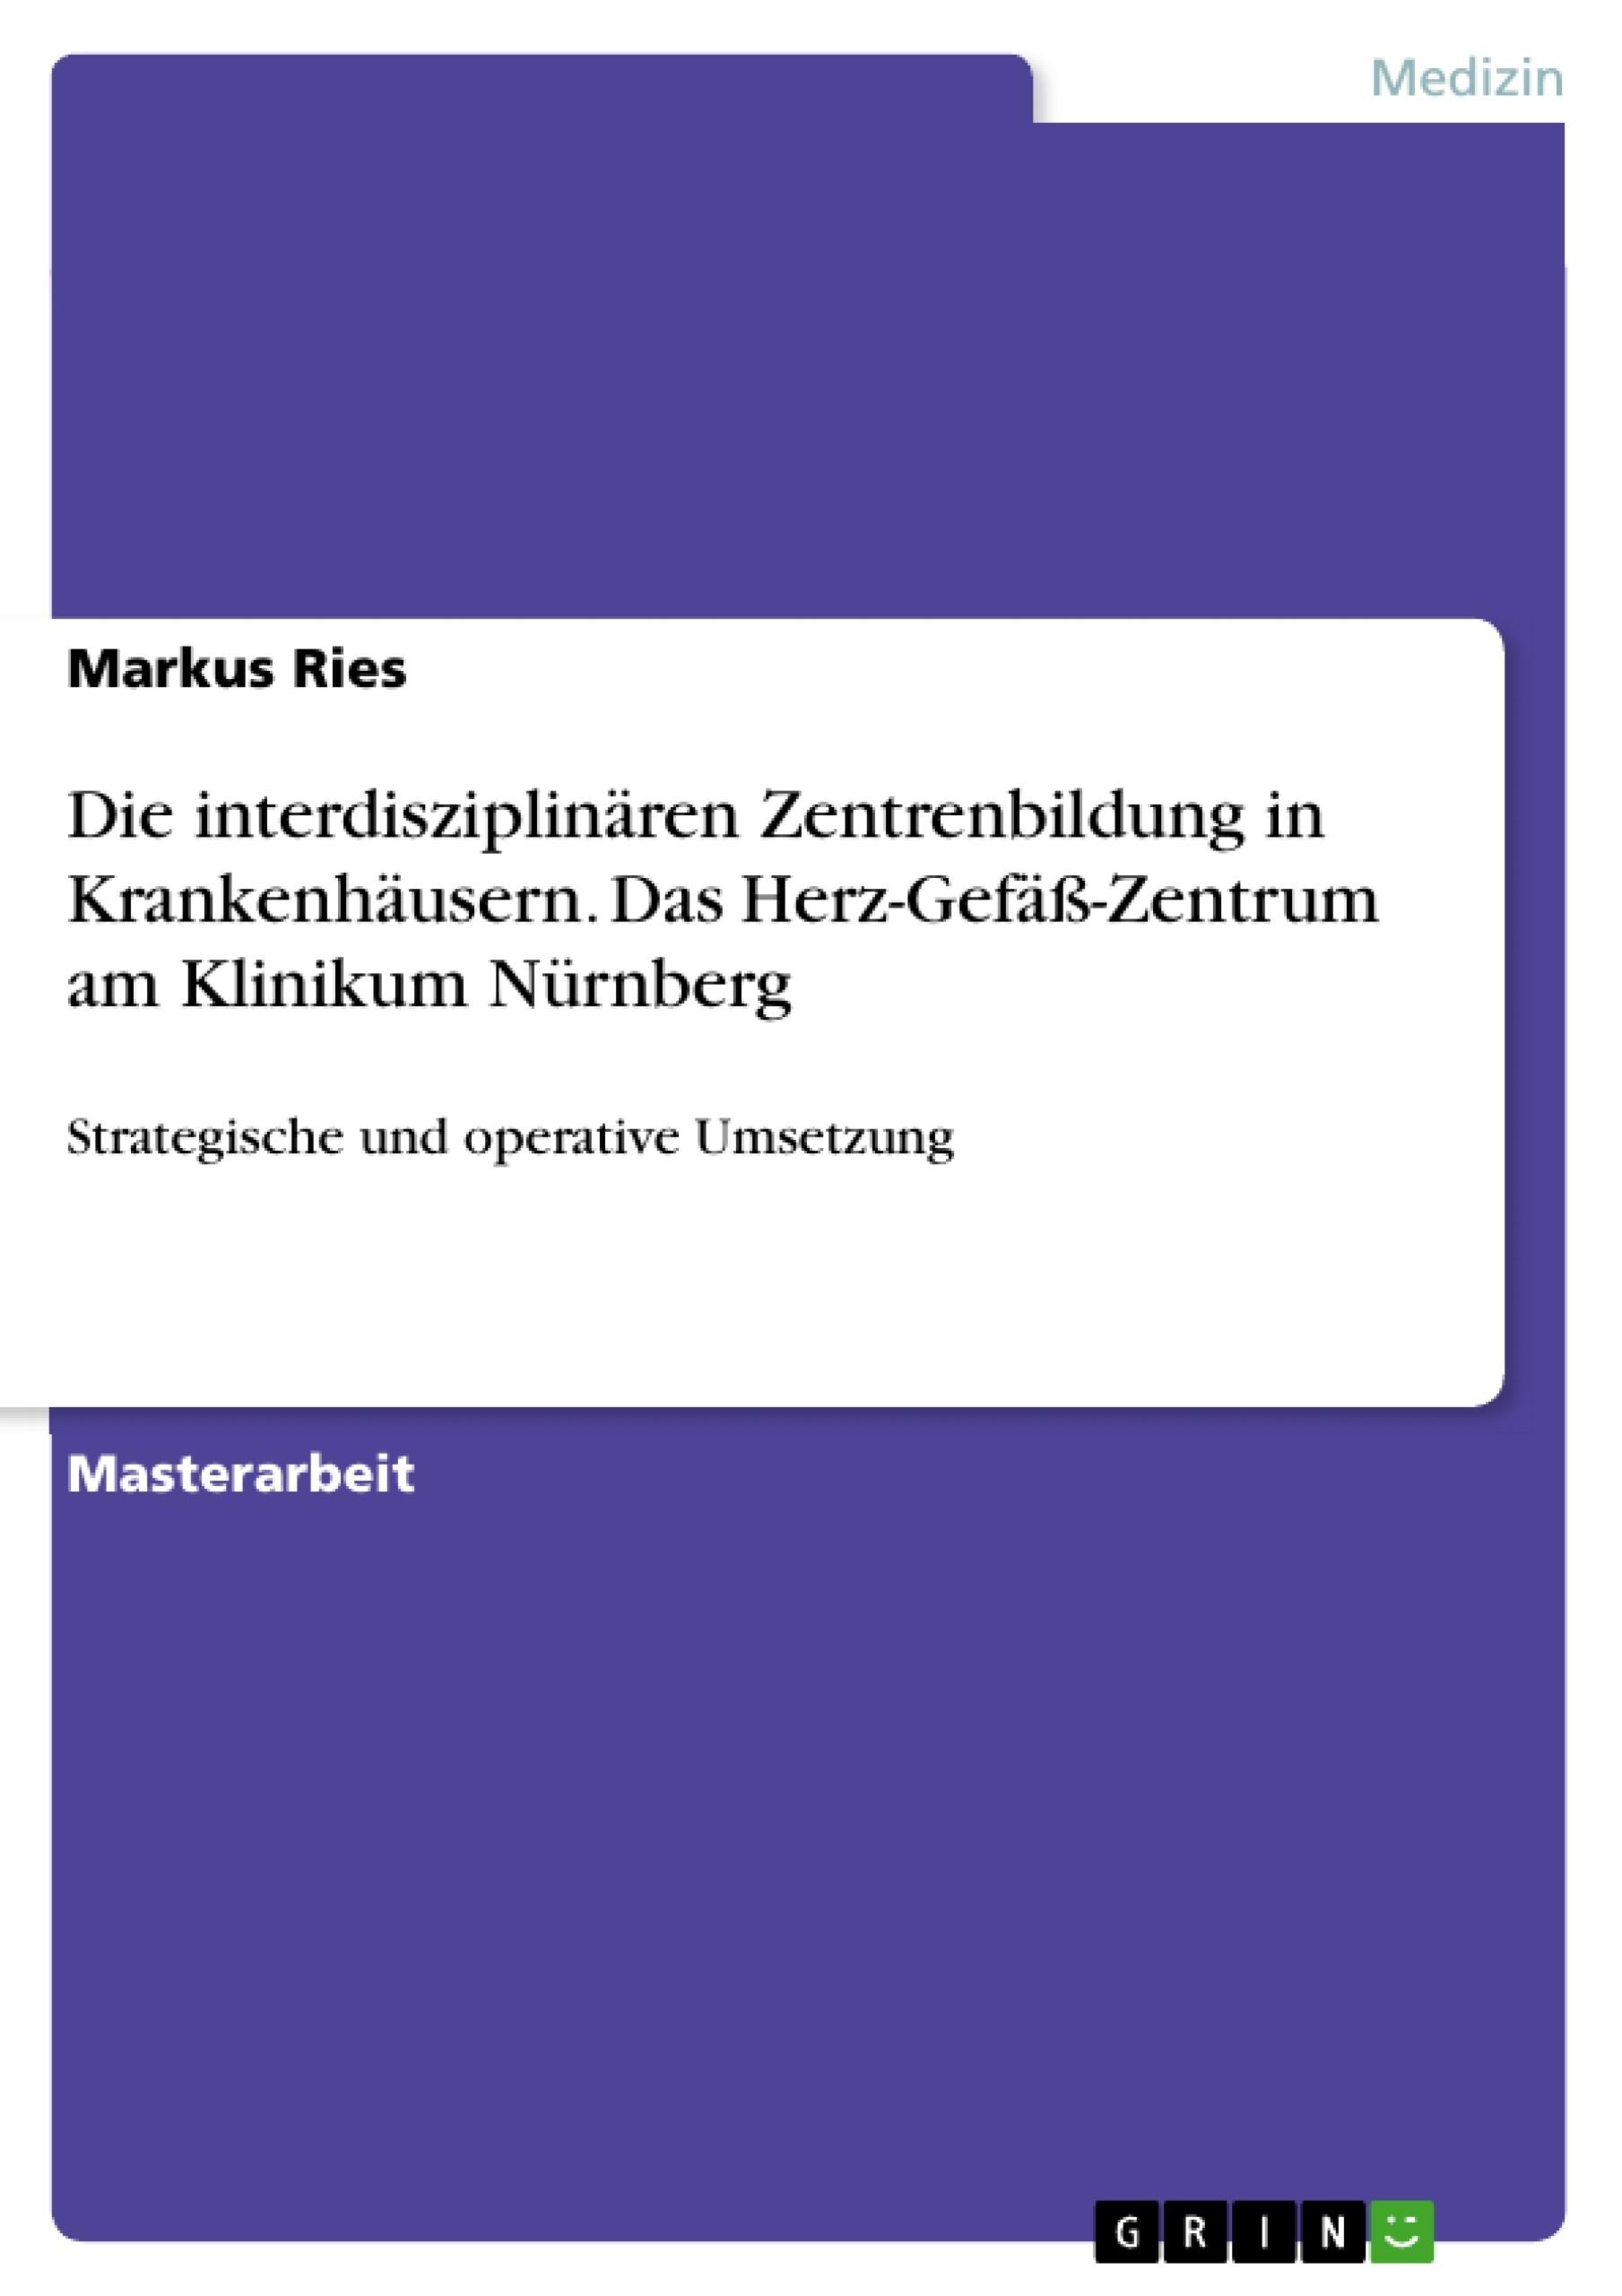 Titel: Die interdisziplinären Zentrenbildung in Krankenhäusern. Das Herz-Gefäß-Zentrum am Klinikum Nürnberg